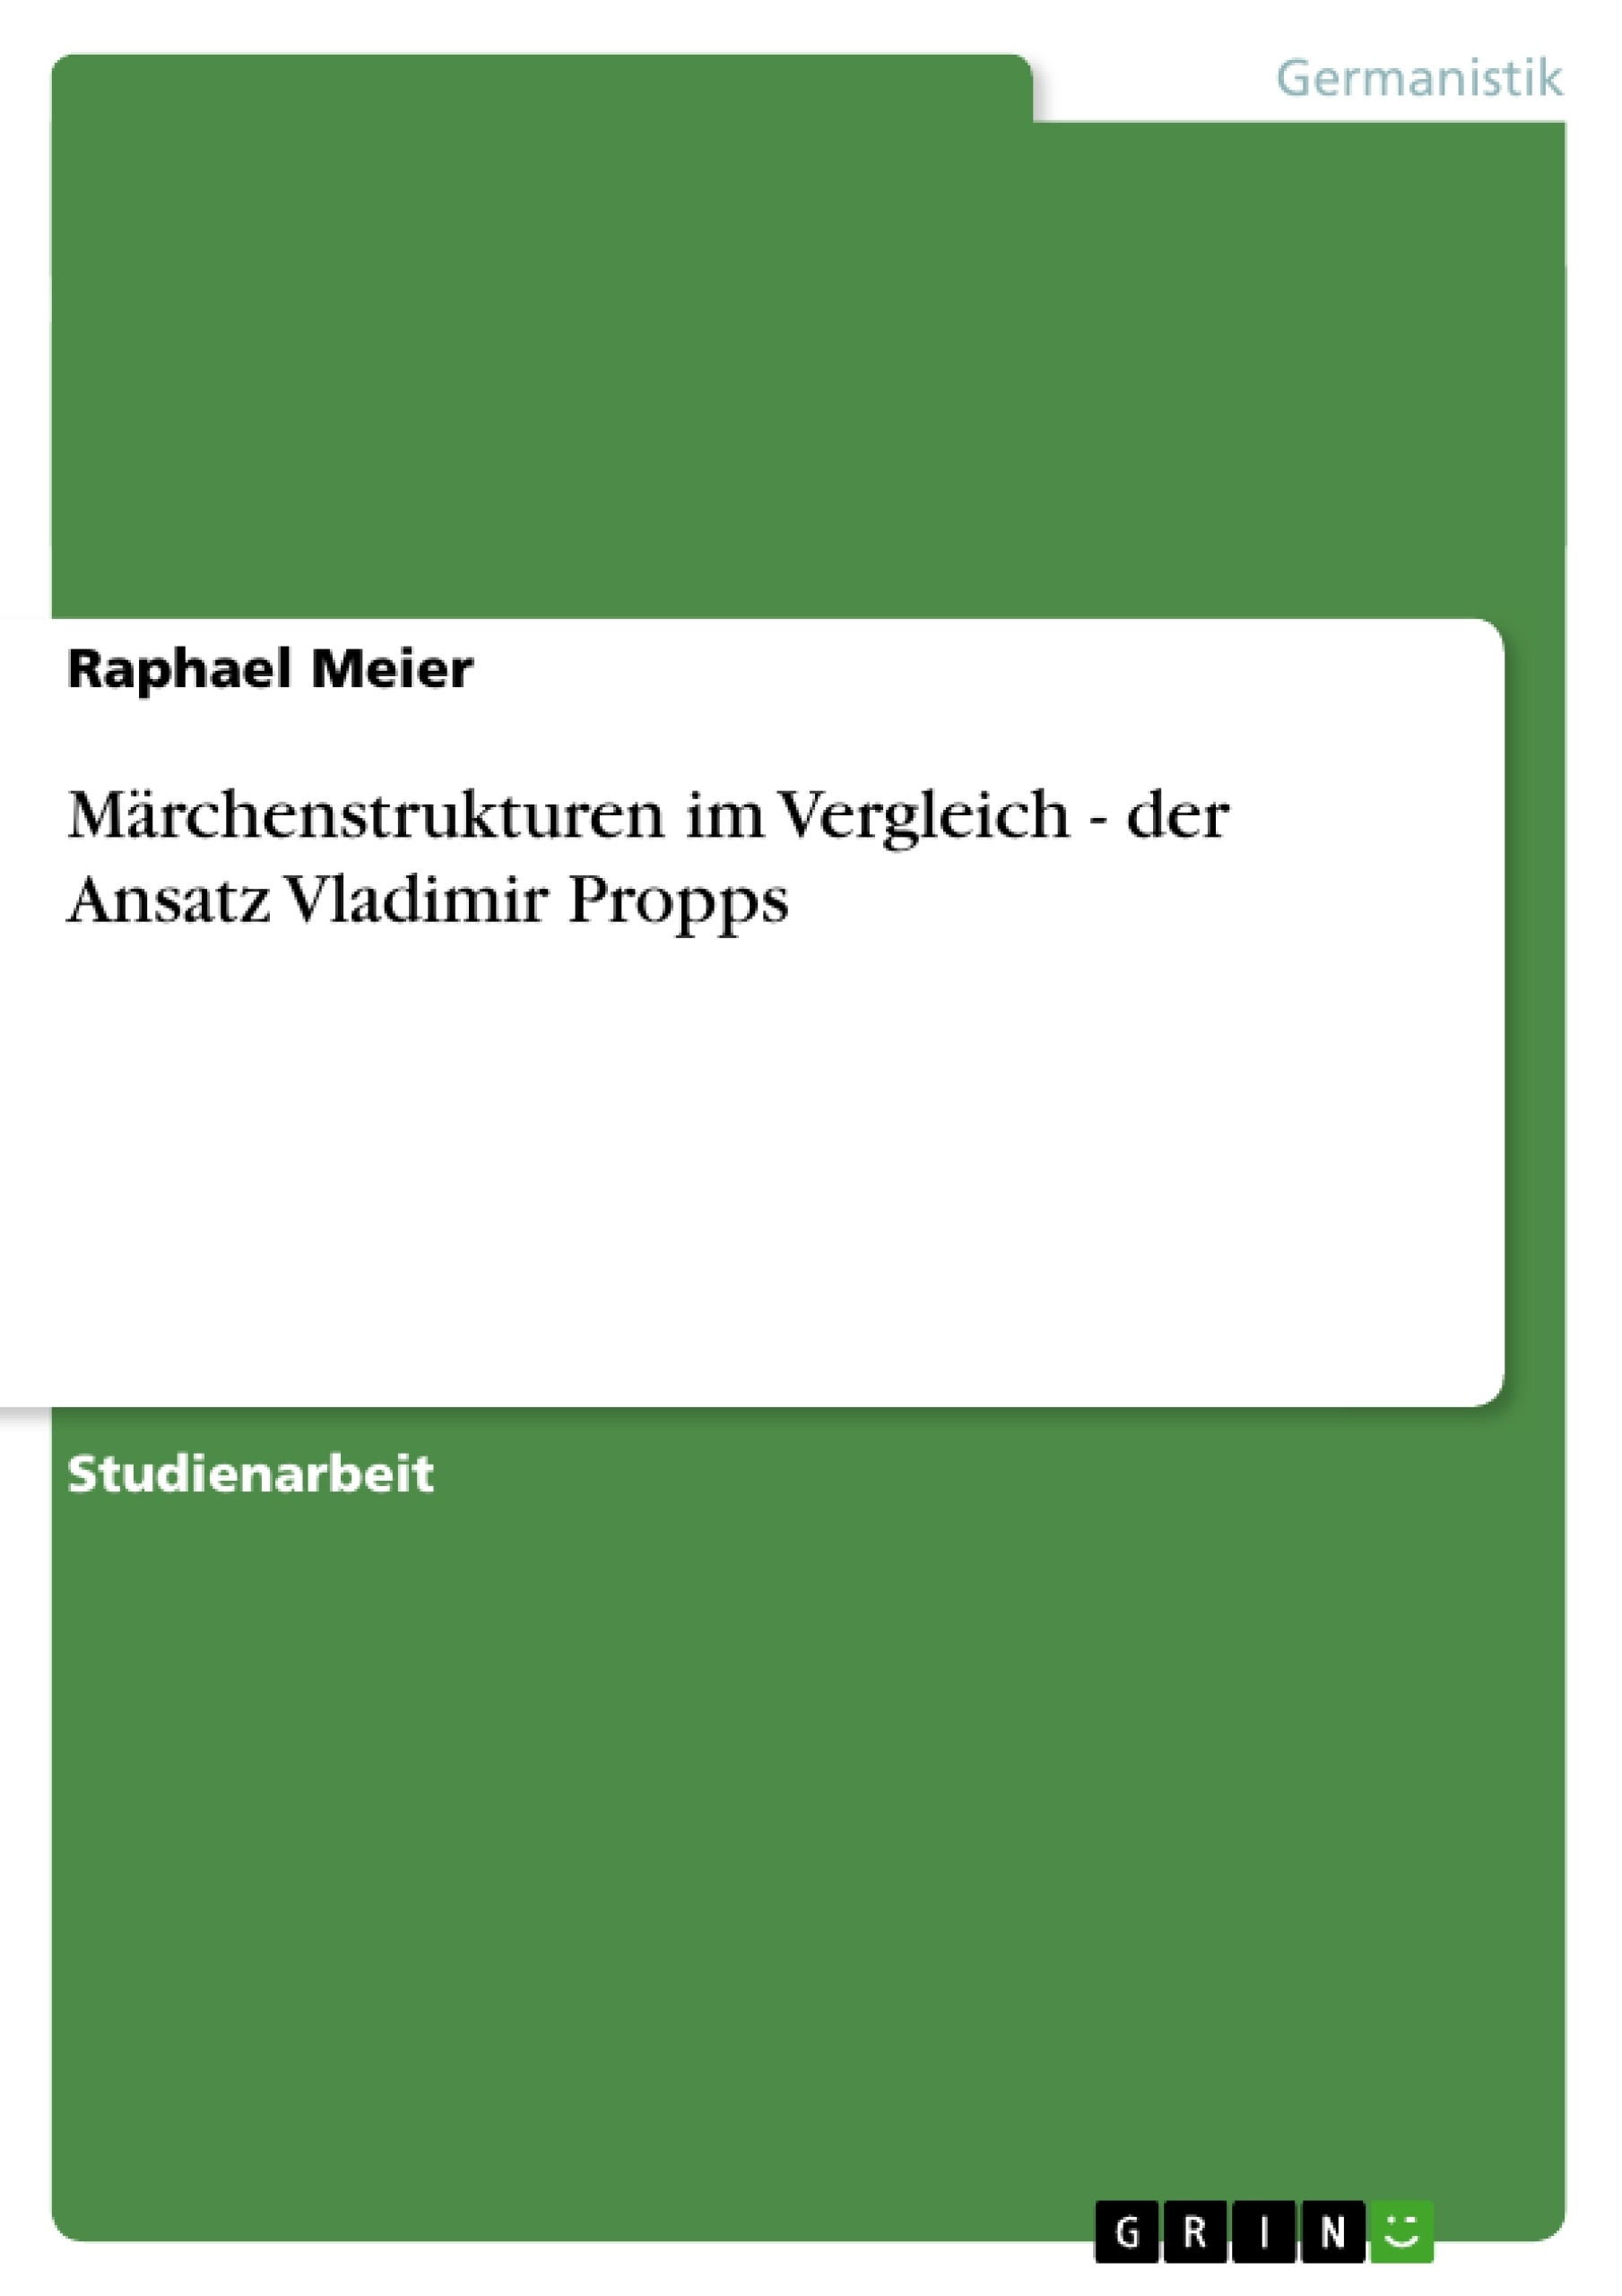 Titel: Märchenstrukturen im Vergleich - der Ansatz Vladimir Propps